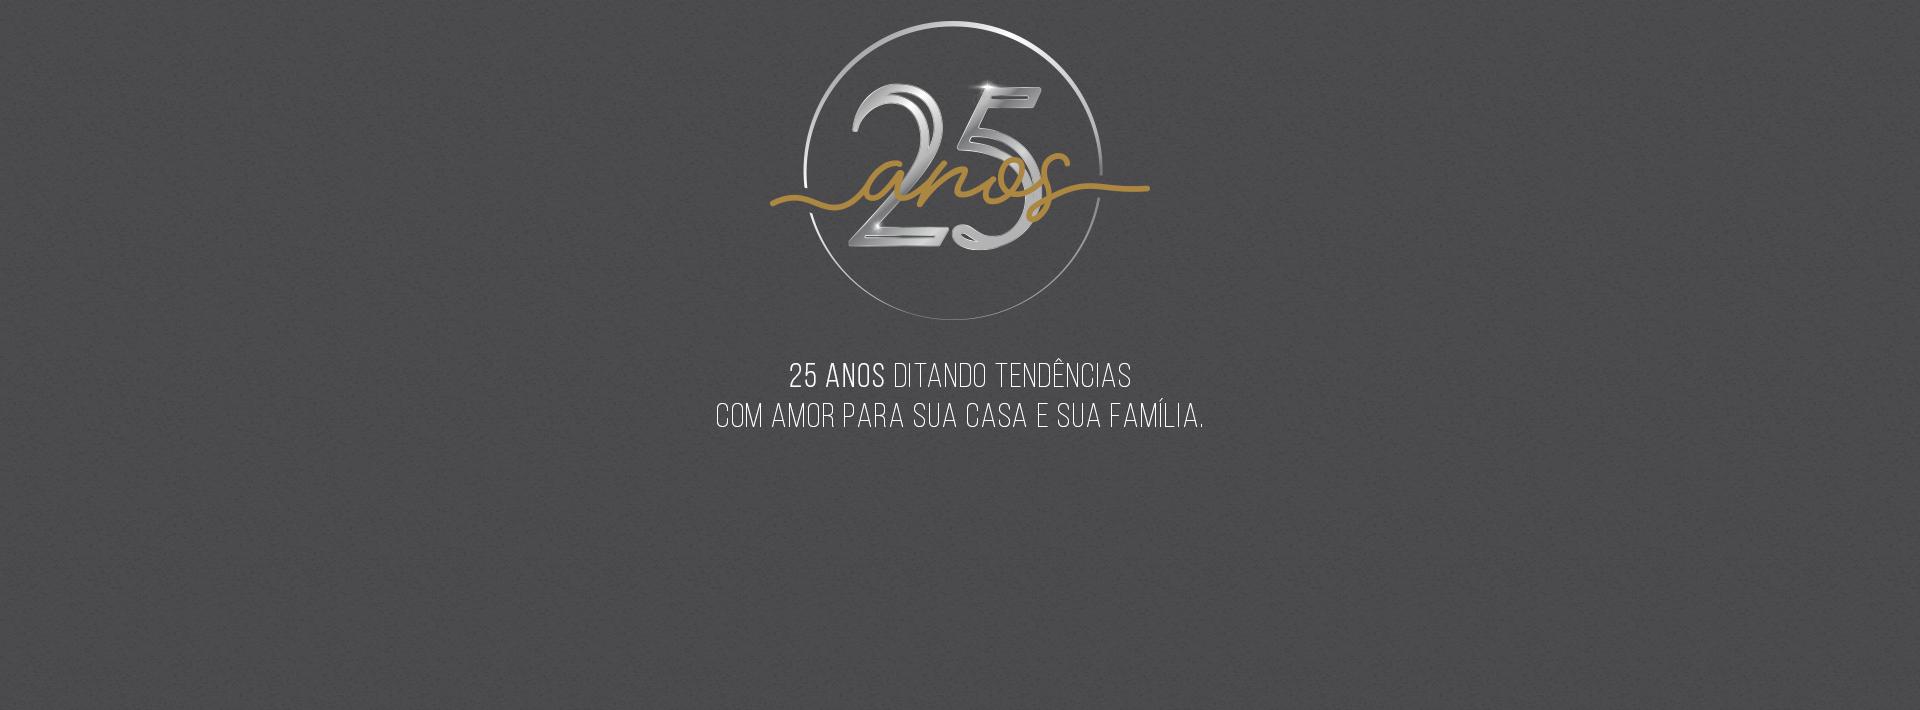 Banner 25 Anos Vilaro